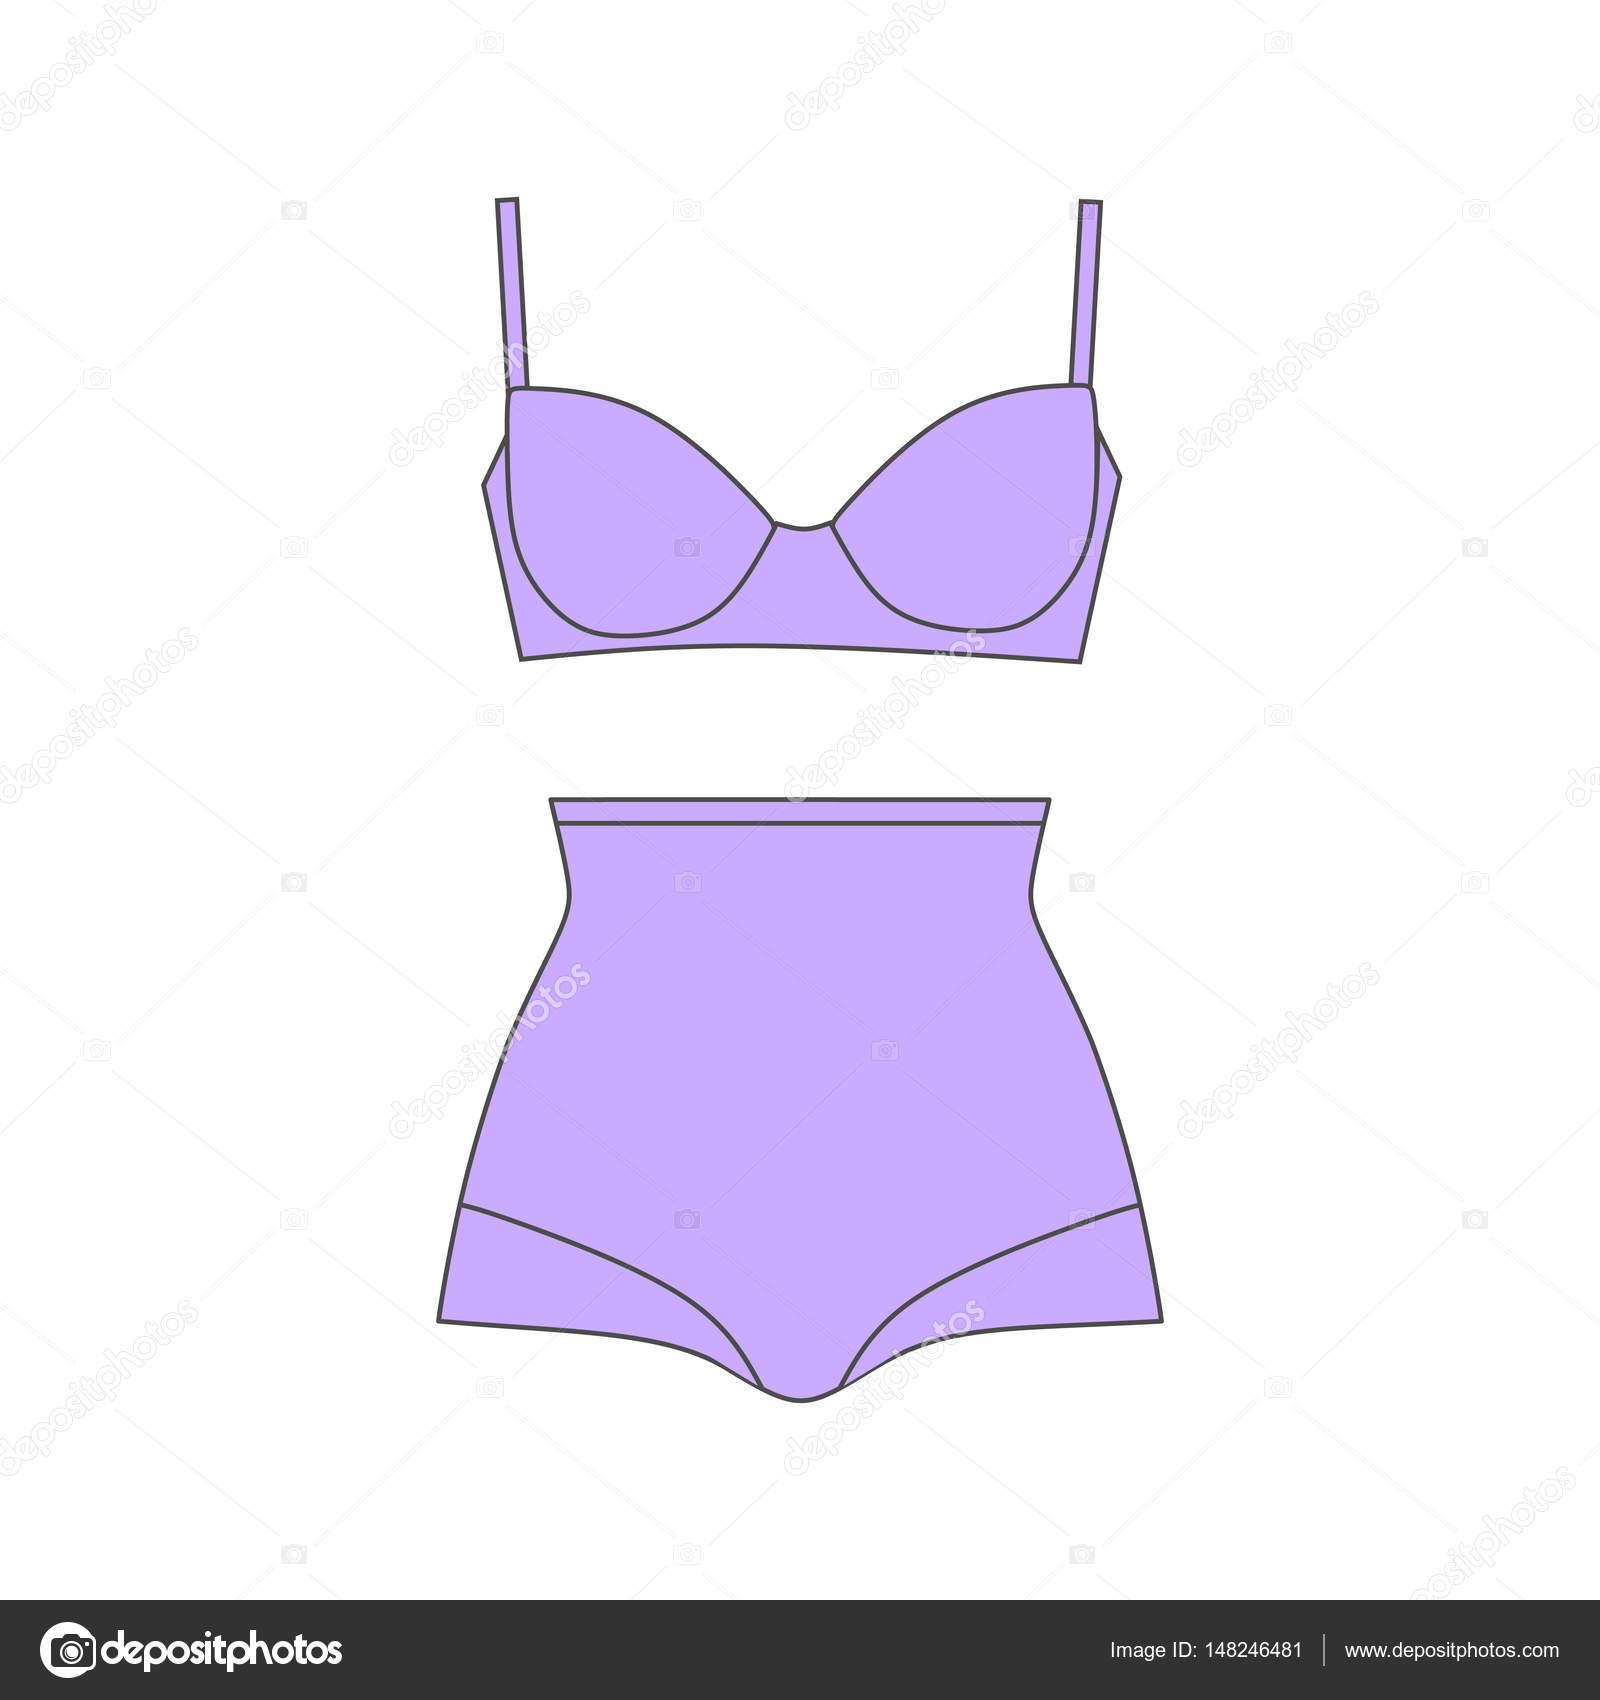 Ropa interior. Defectos de conformación de cuerpo de ropa interior ...